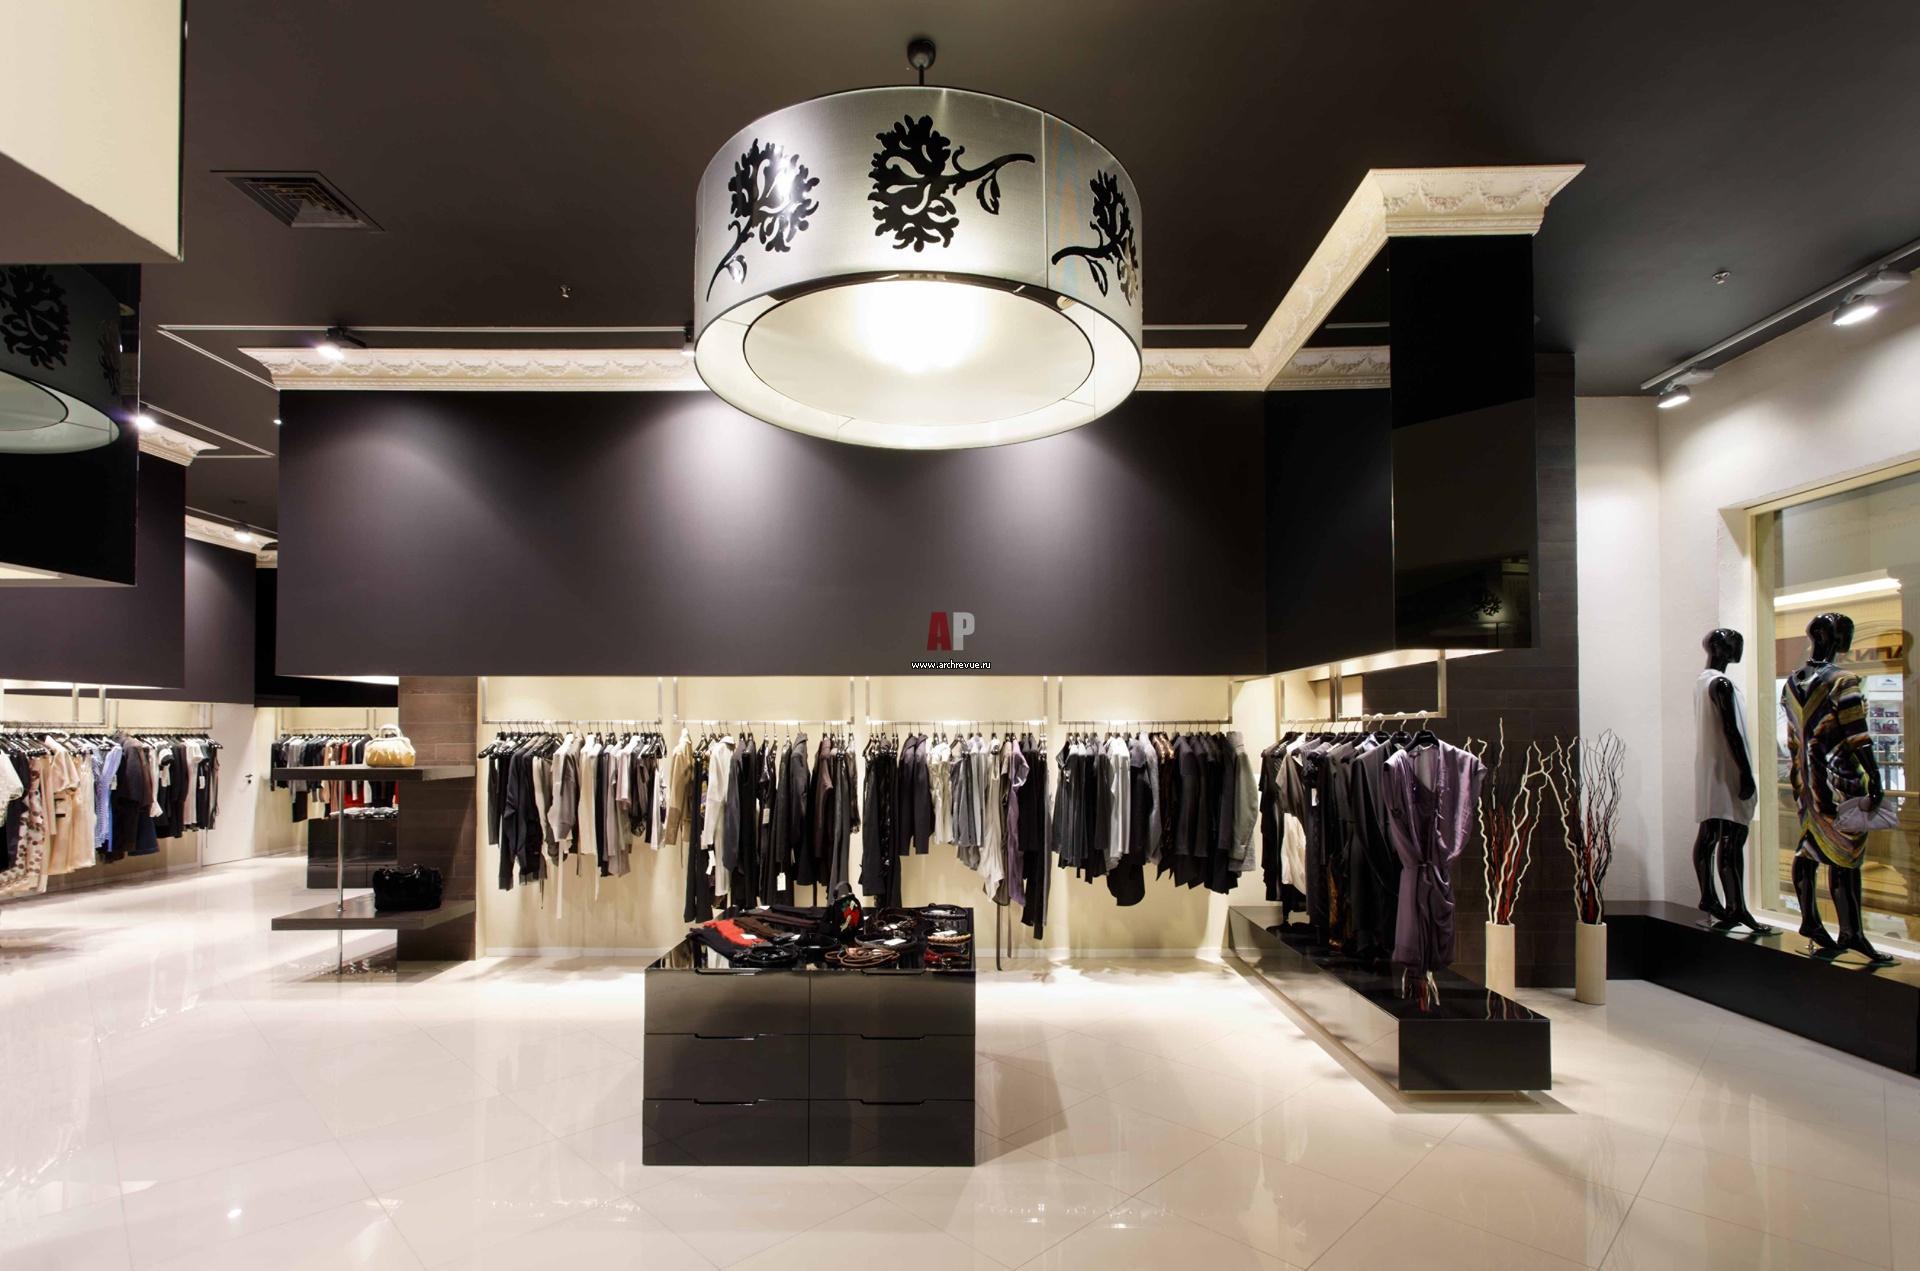 фото одежды магазина